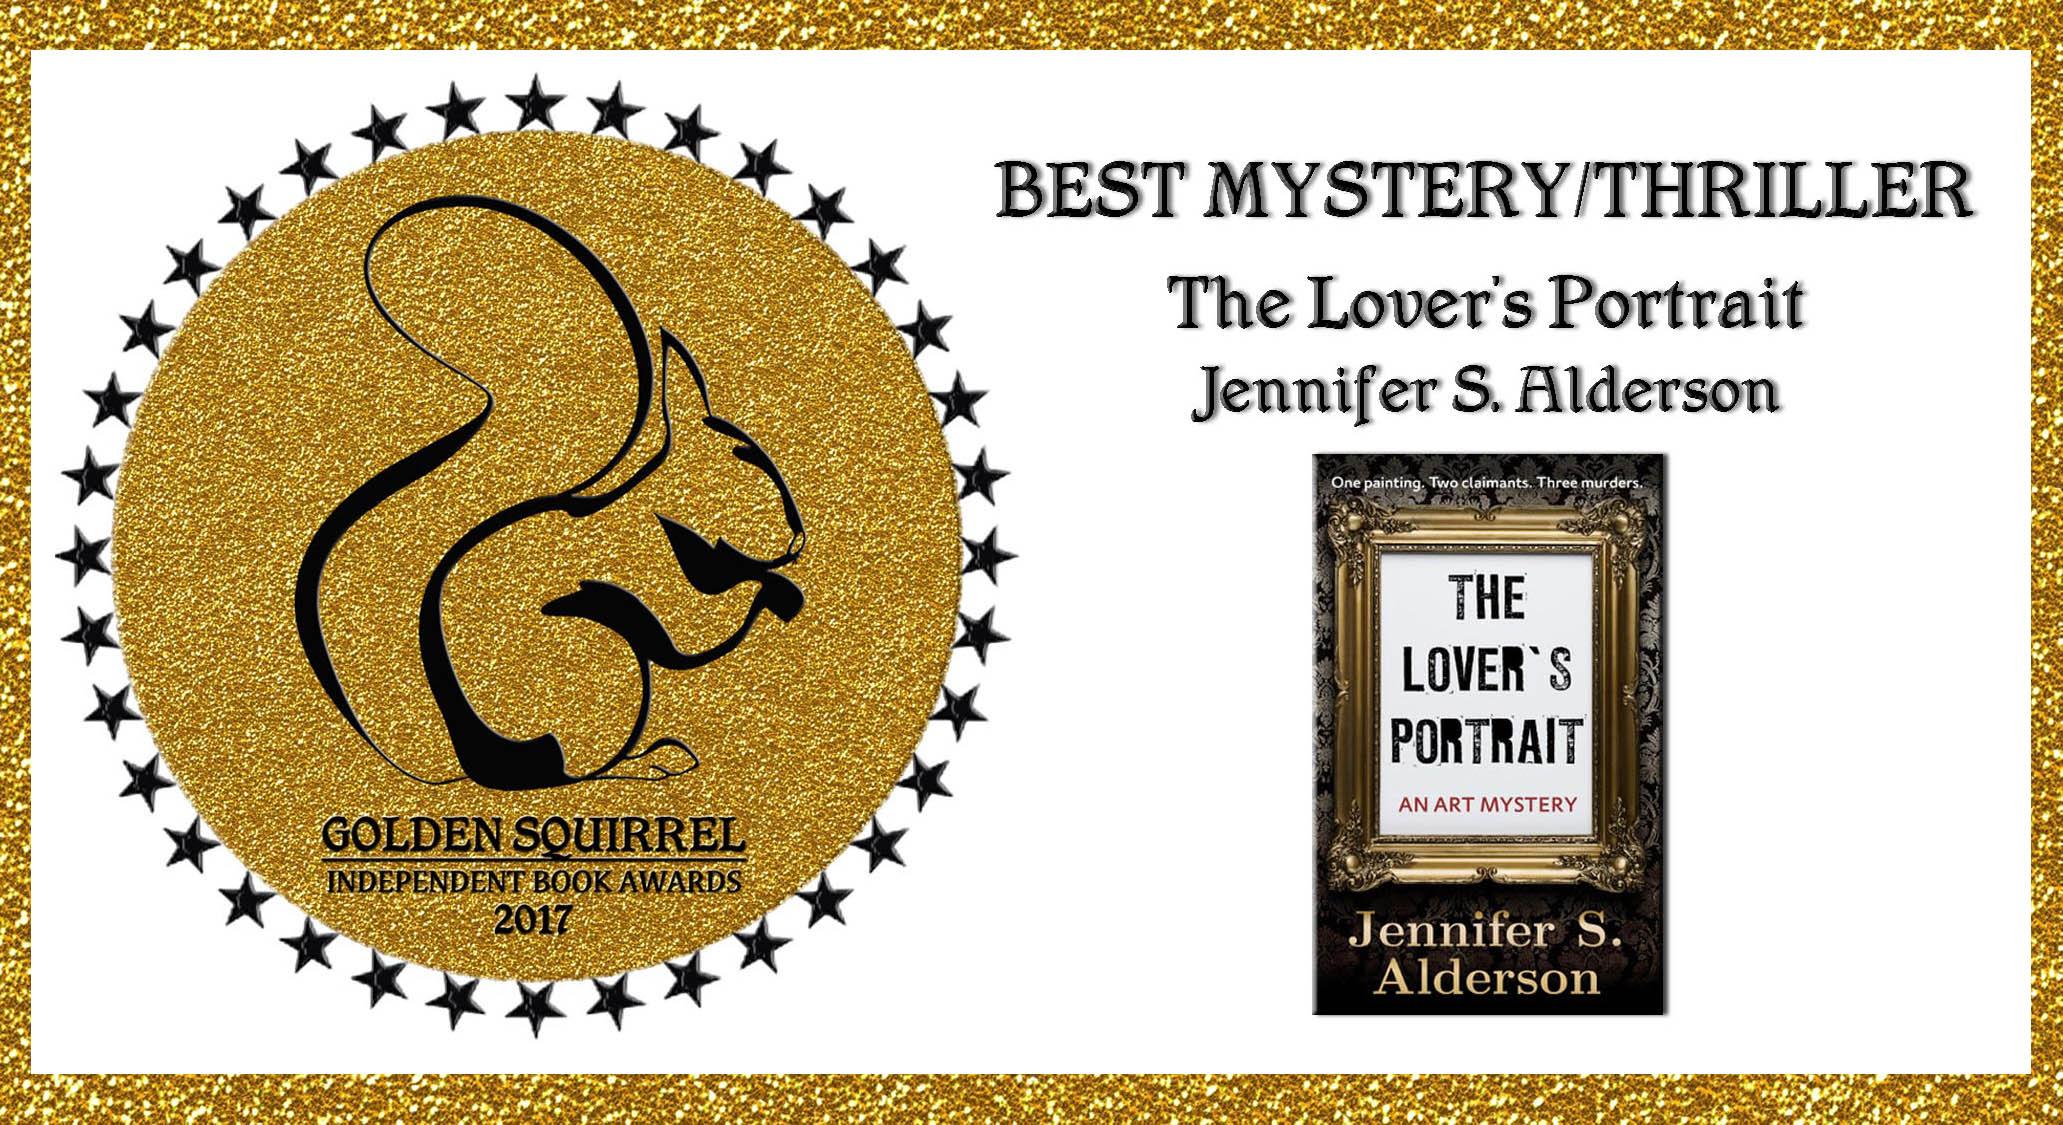 Golden Squirrel Best Mystery Thriller